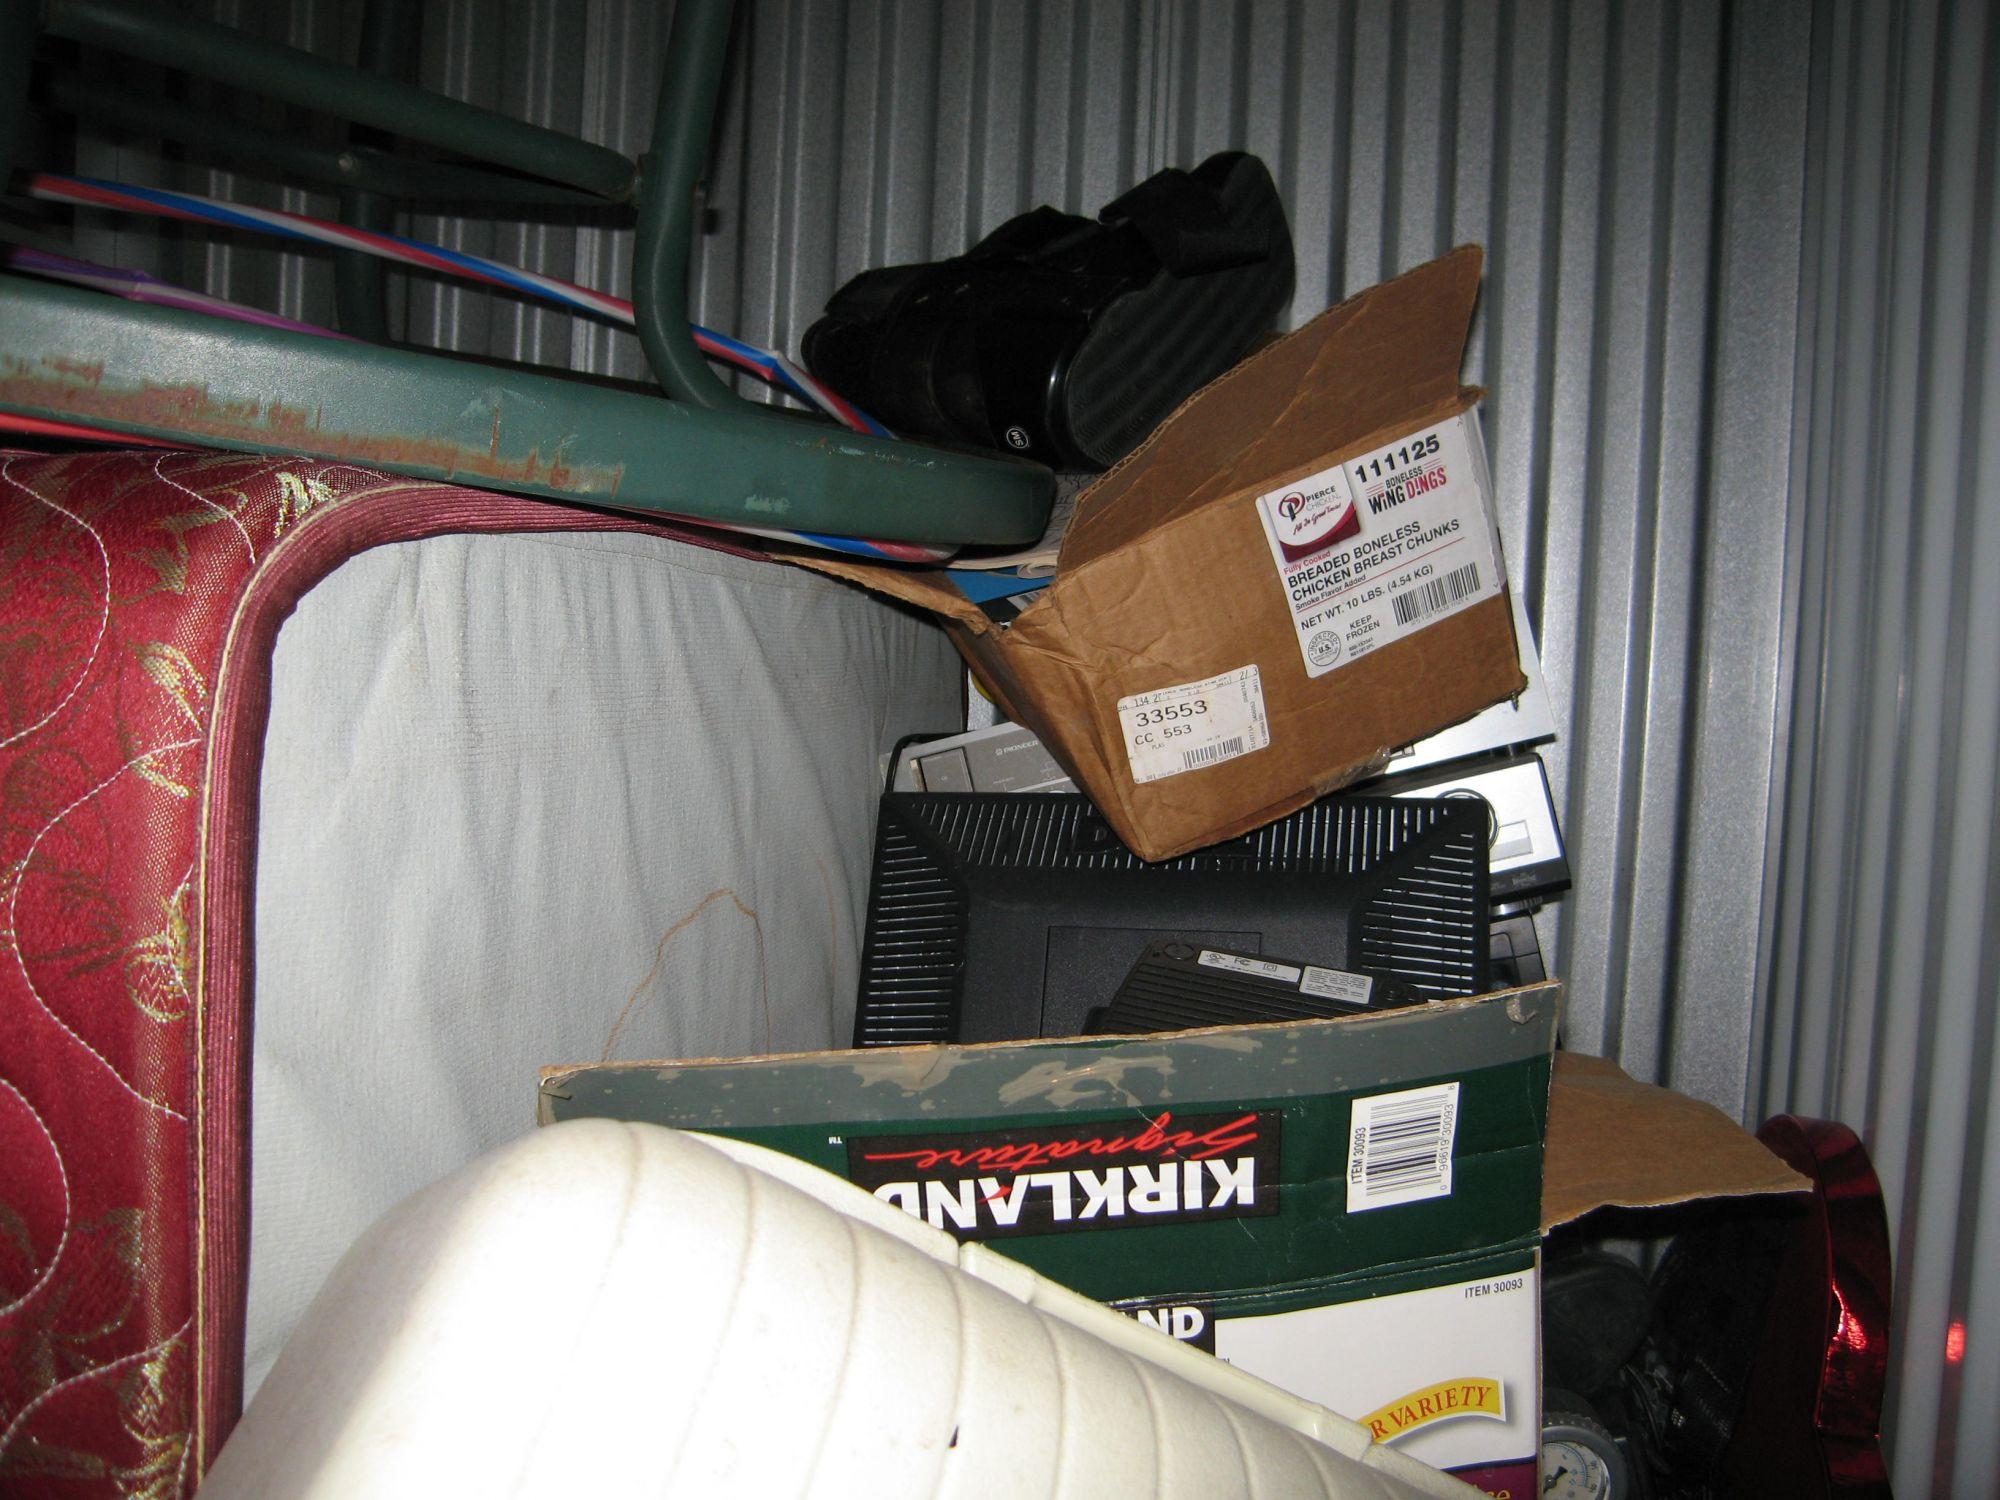 Storage Unit Auctions Jackson Tn Ppi Blog & Storage Unit Auctions Tulsa - Listitdallas